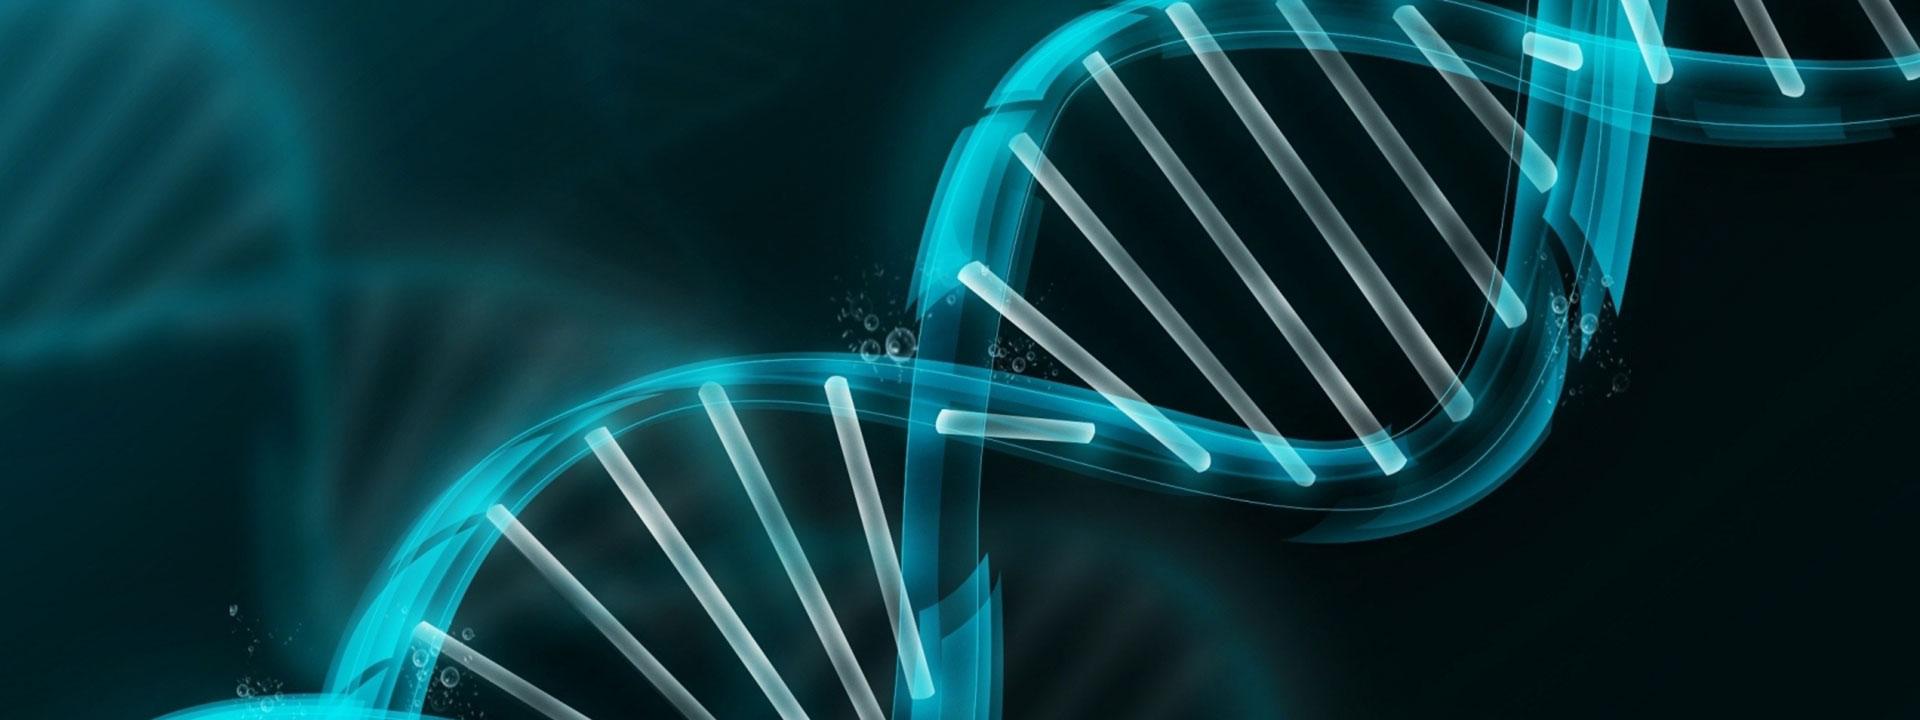 Global X Genomics & Biotechnology ETF (Nasdaq: GNOM ETF) spårar ett index över globala bioteknikaktier, utvalda och viktade efter marknadsvärde.